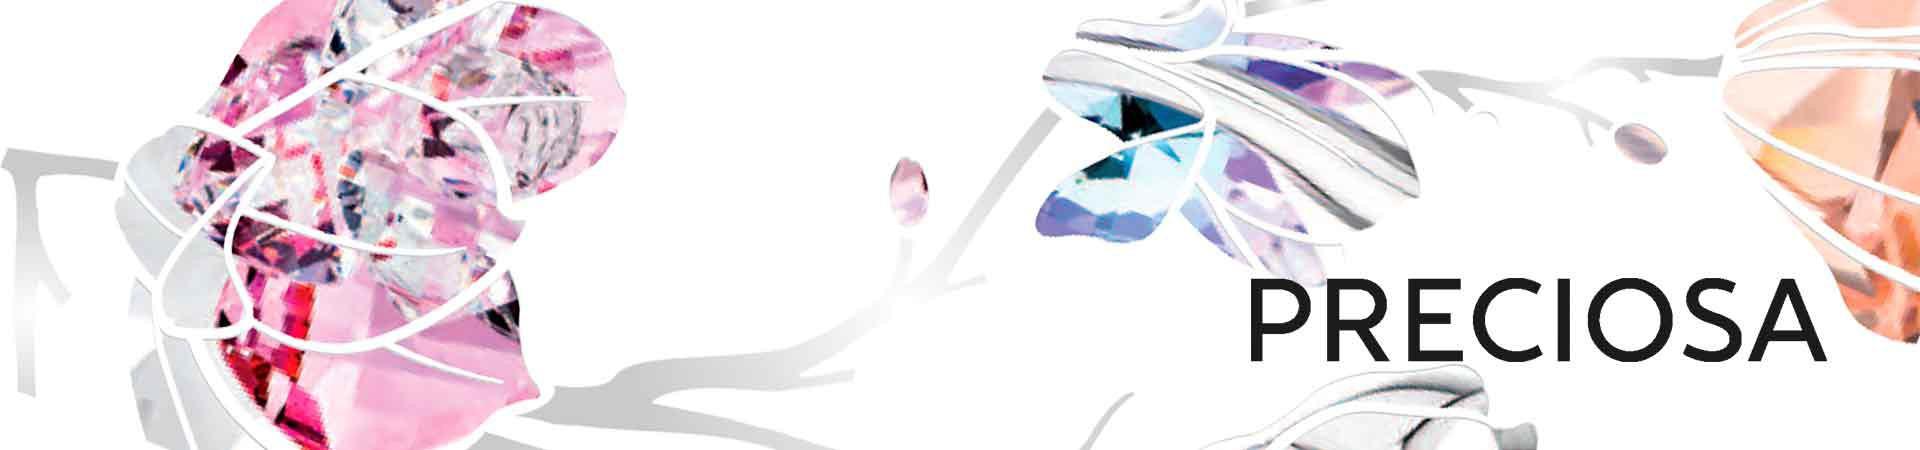 PRECIOSA Ювелирные изделия Silver Elegance отличается неподражаемым сверканием и точным фацетированием.